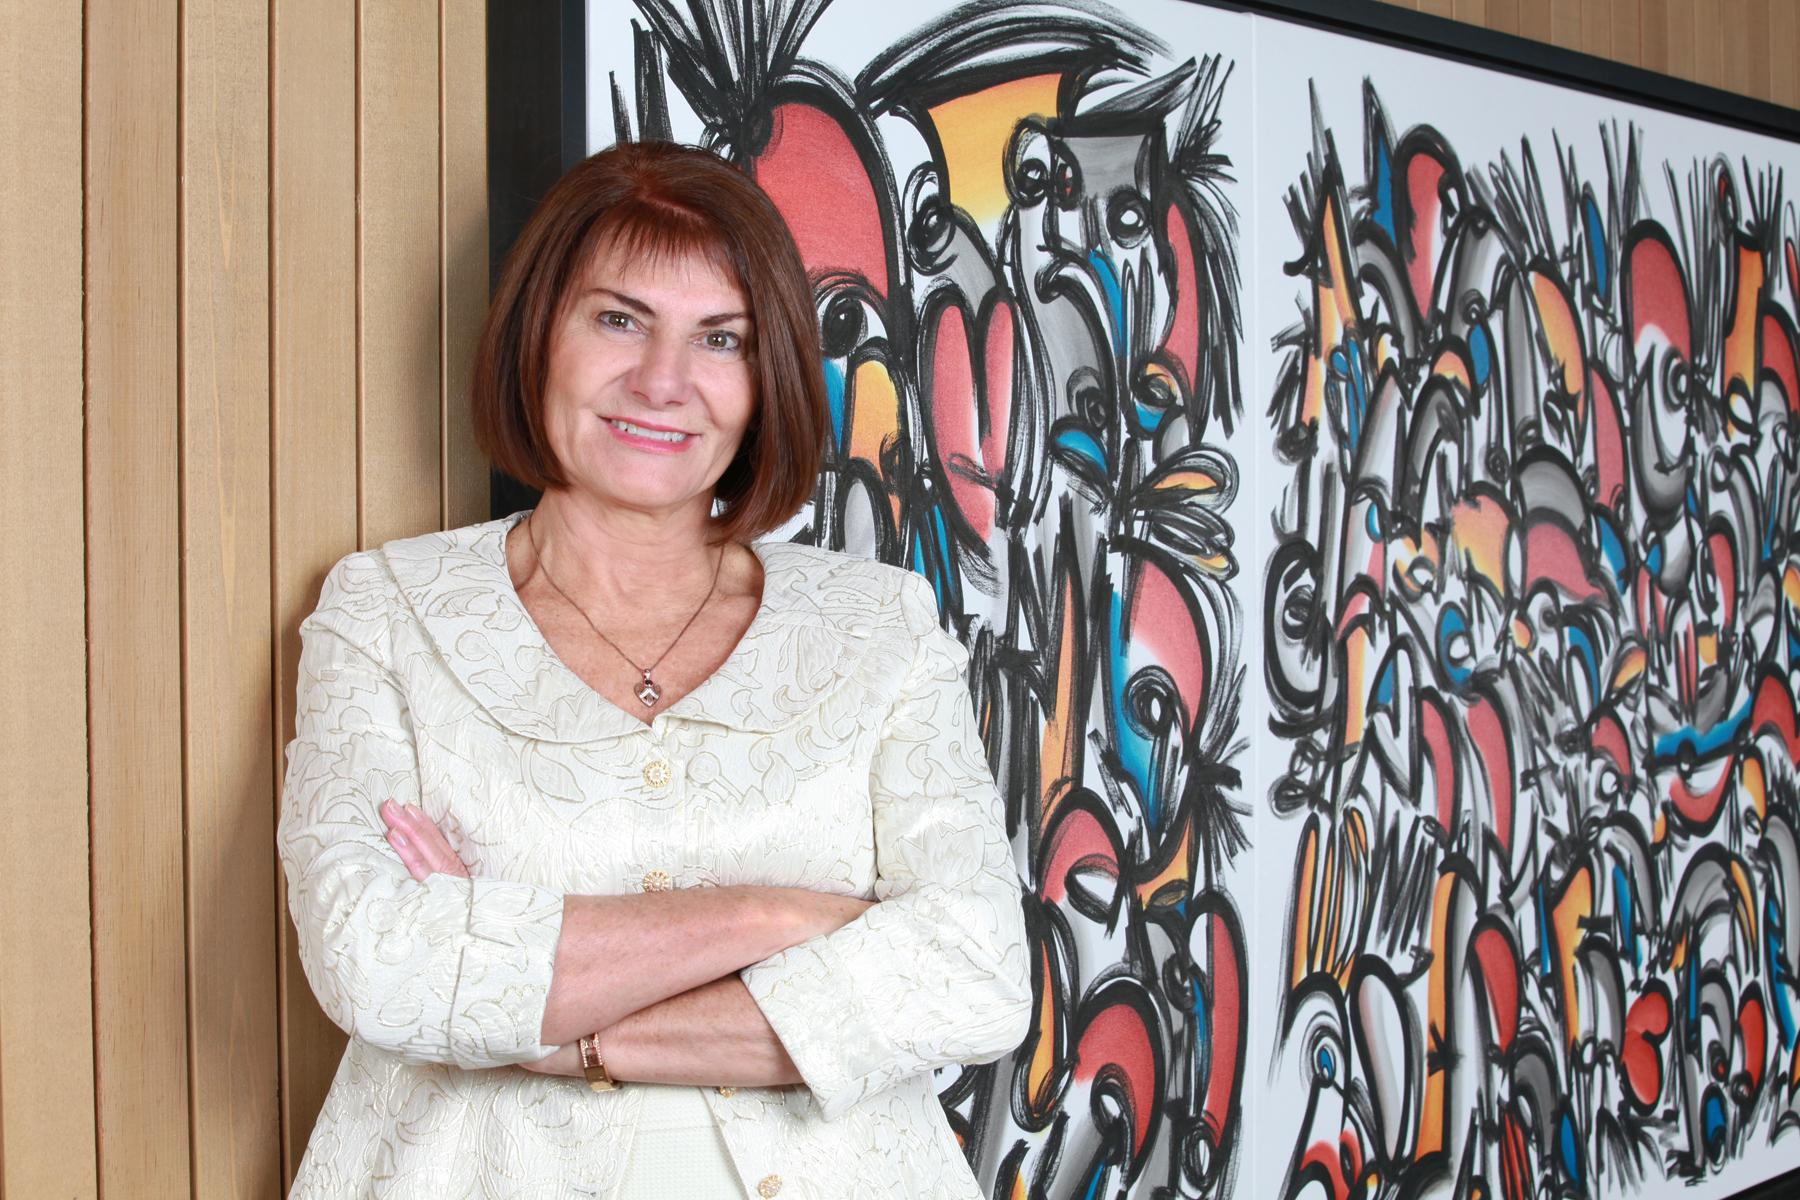 Chantal Deschamps